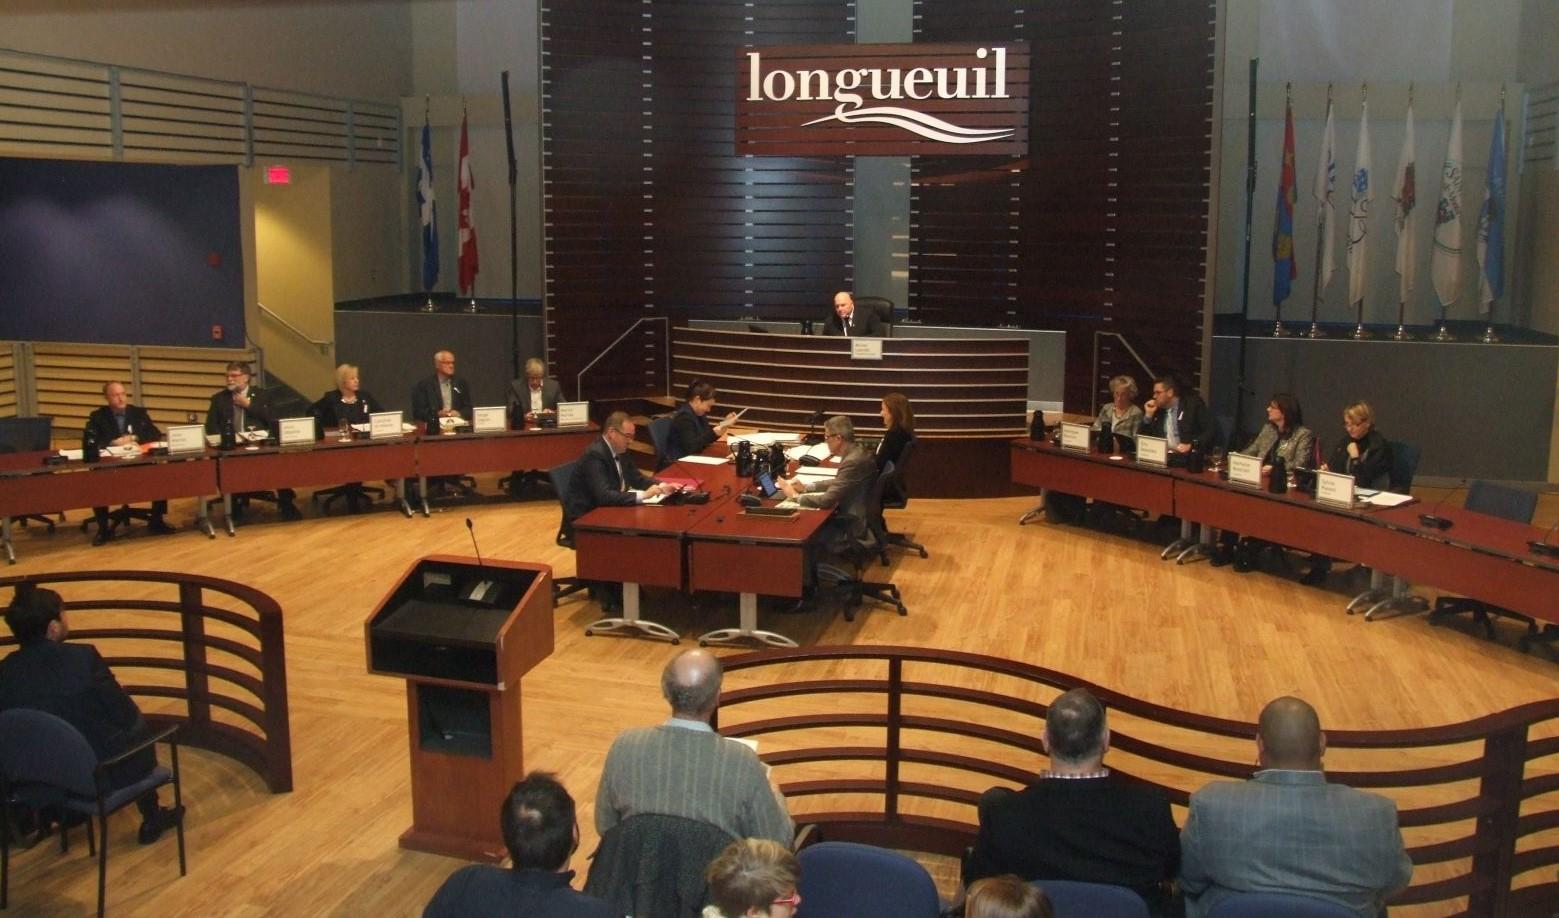 Québec accorde une nouvelle aide financière de 700 000 $ à l'agglomération de Longueuil